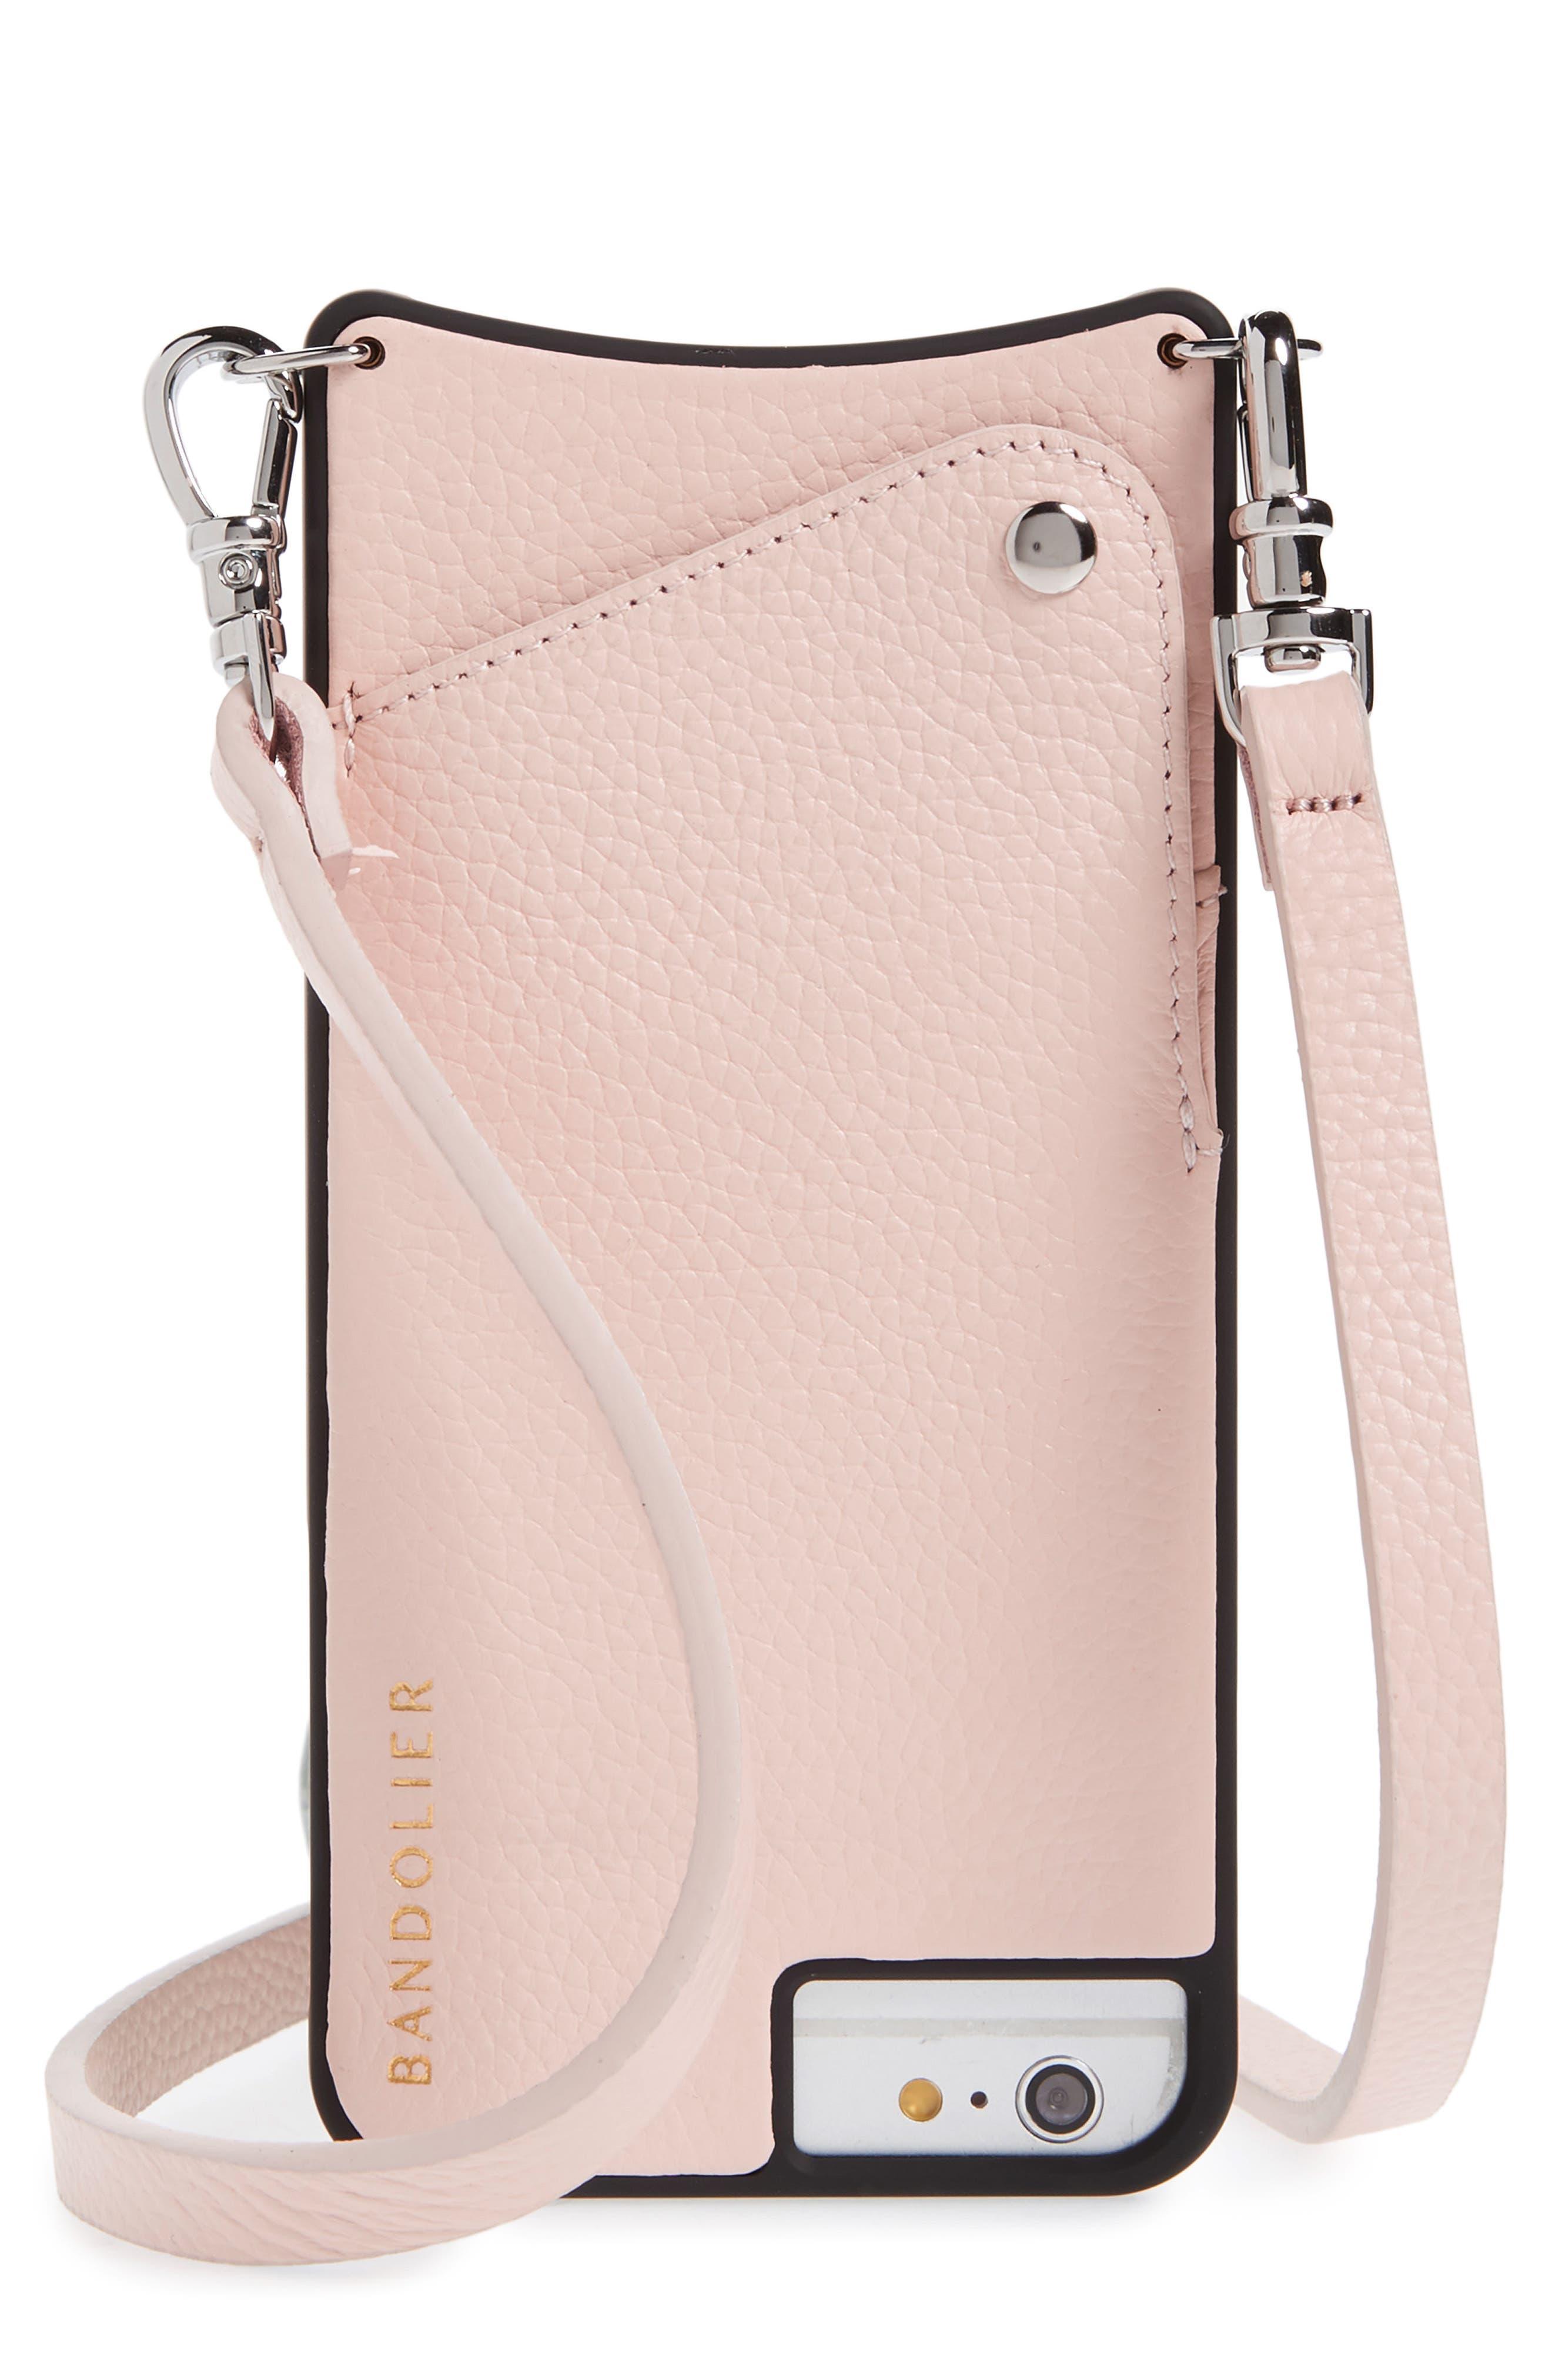 Bandolier Emma Leather iPhone 6/7/8 & 6/7/8 Plus Crossbody Case